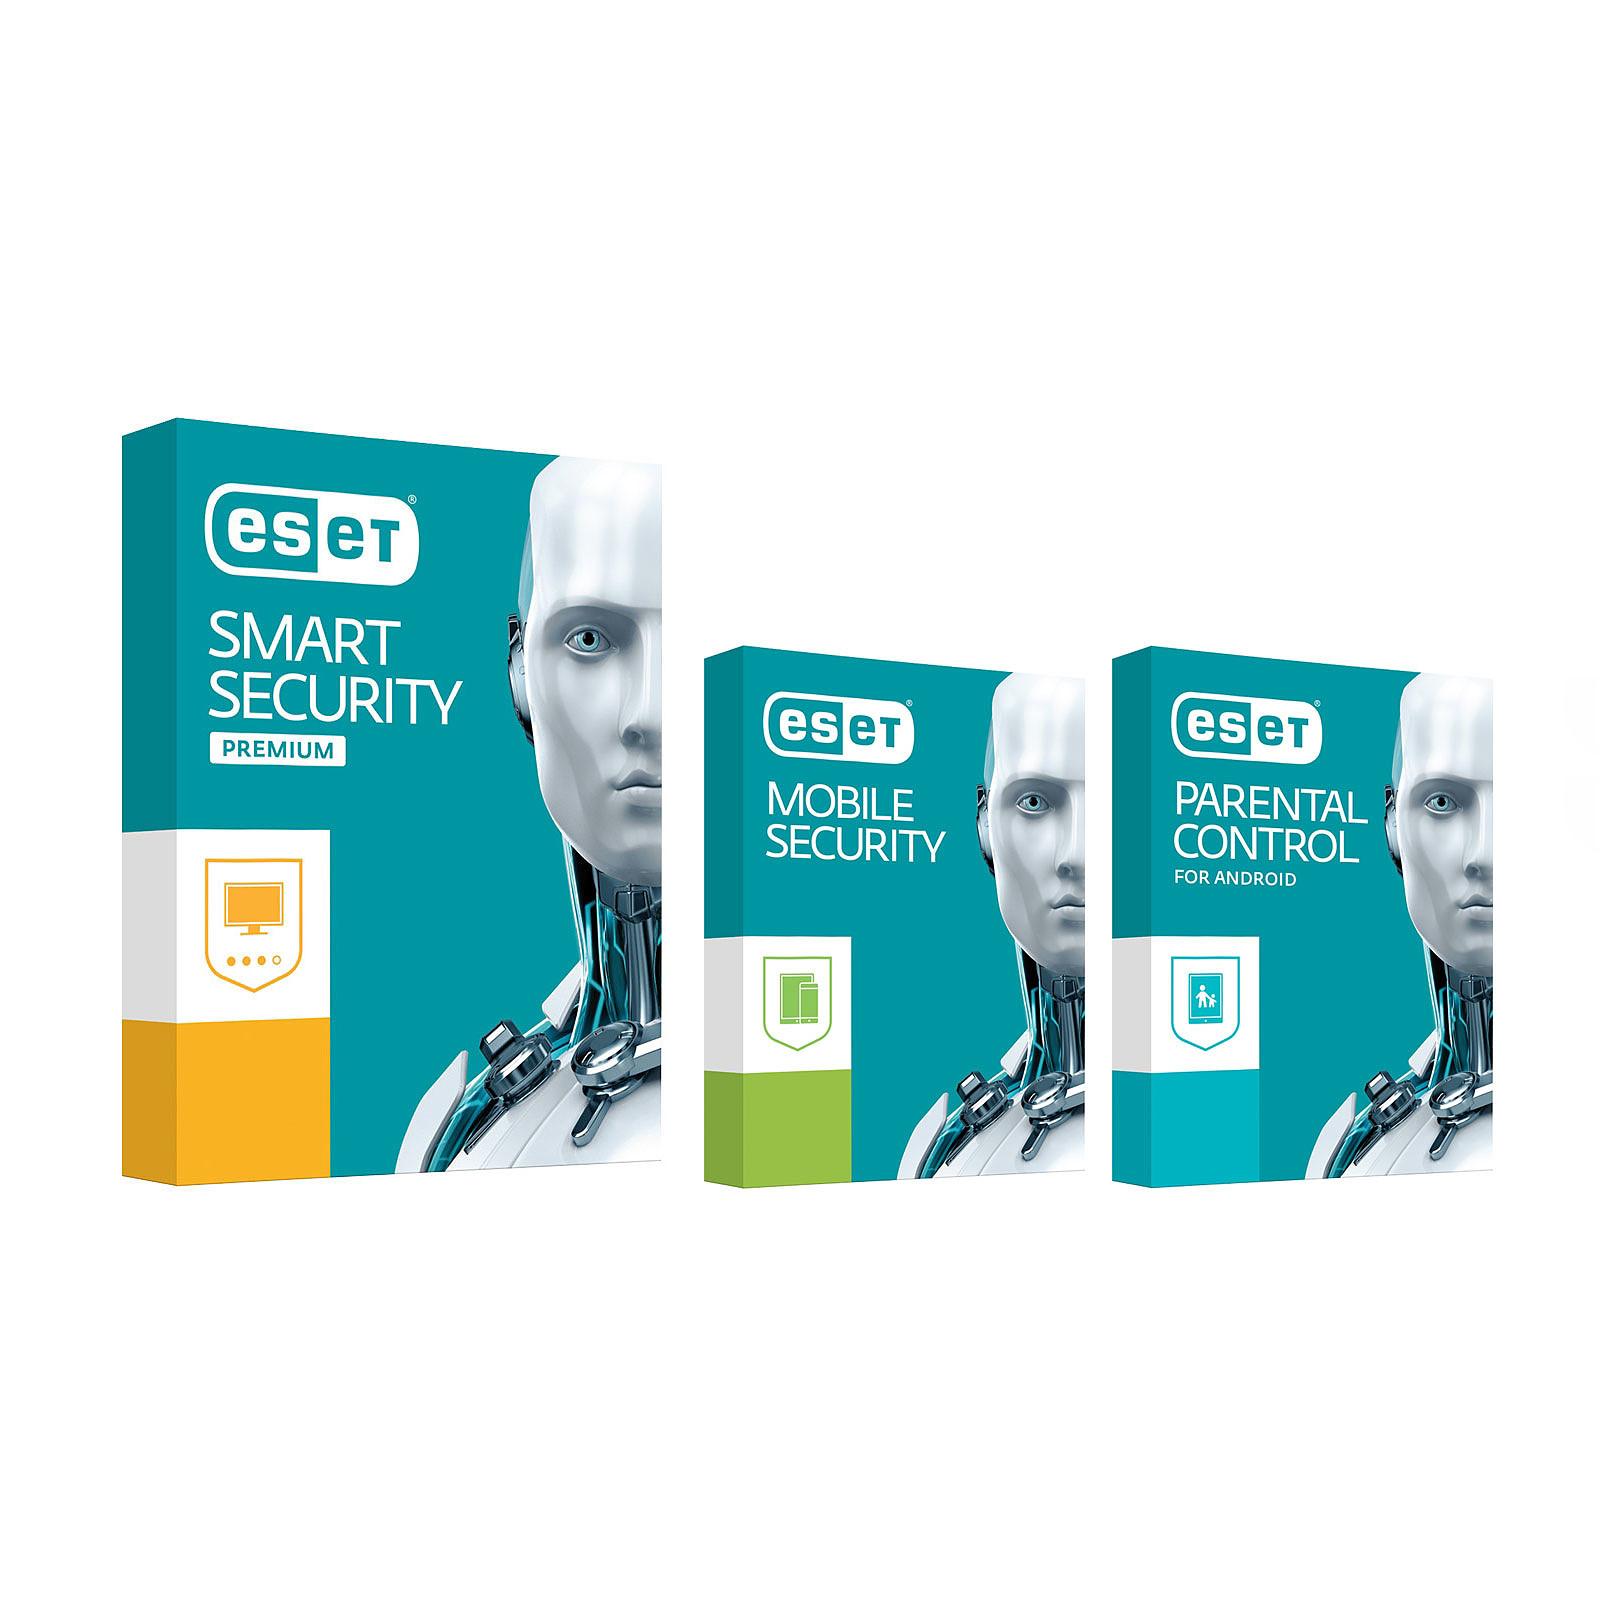 ESET Smart Security Premium 2017 + Mobile Security + Control parental (1 año 3 estaciones de trabajo)